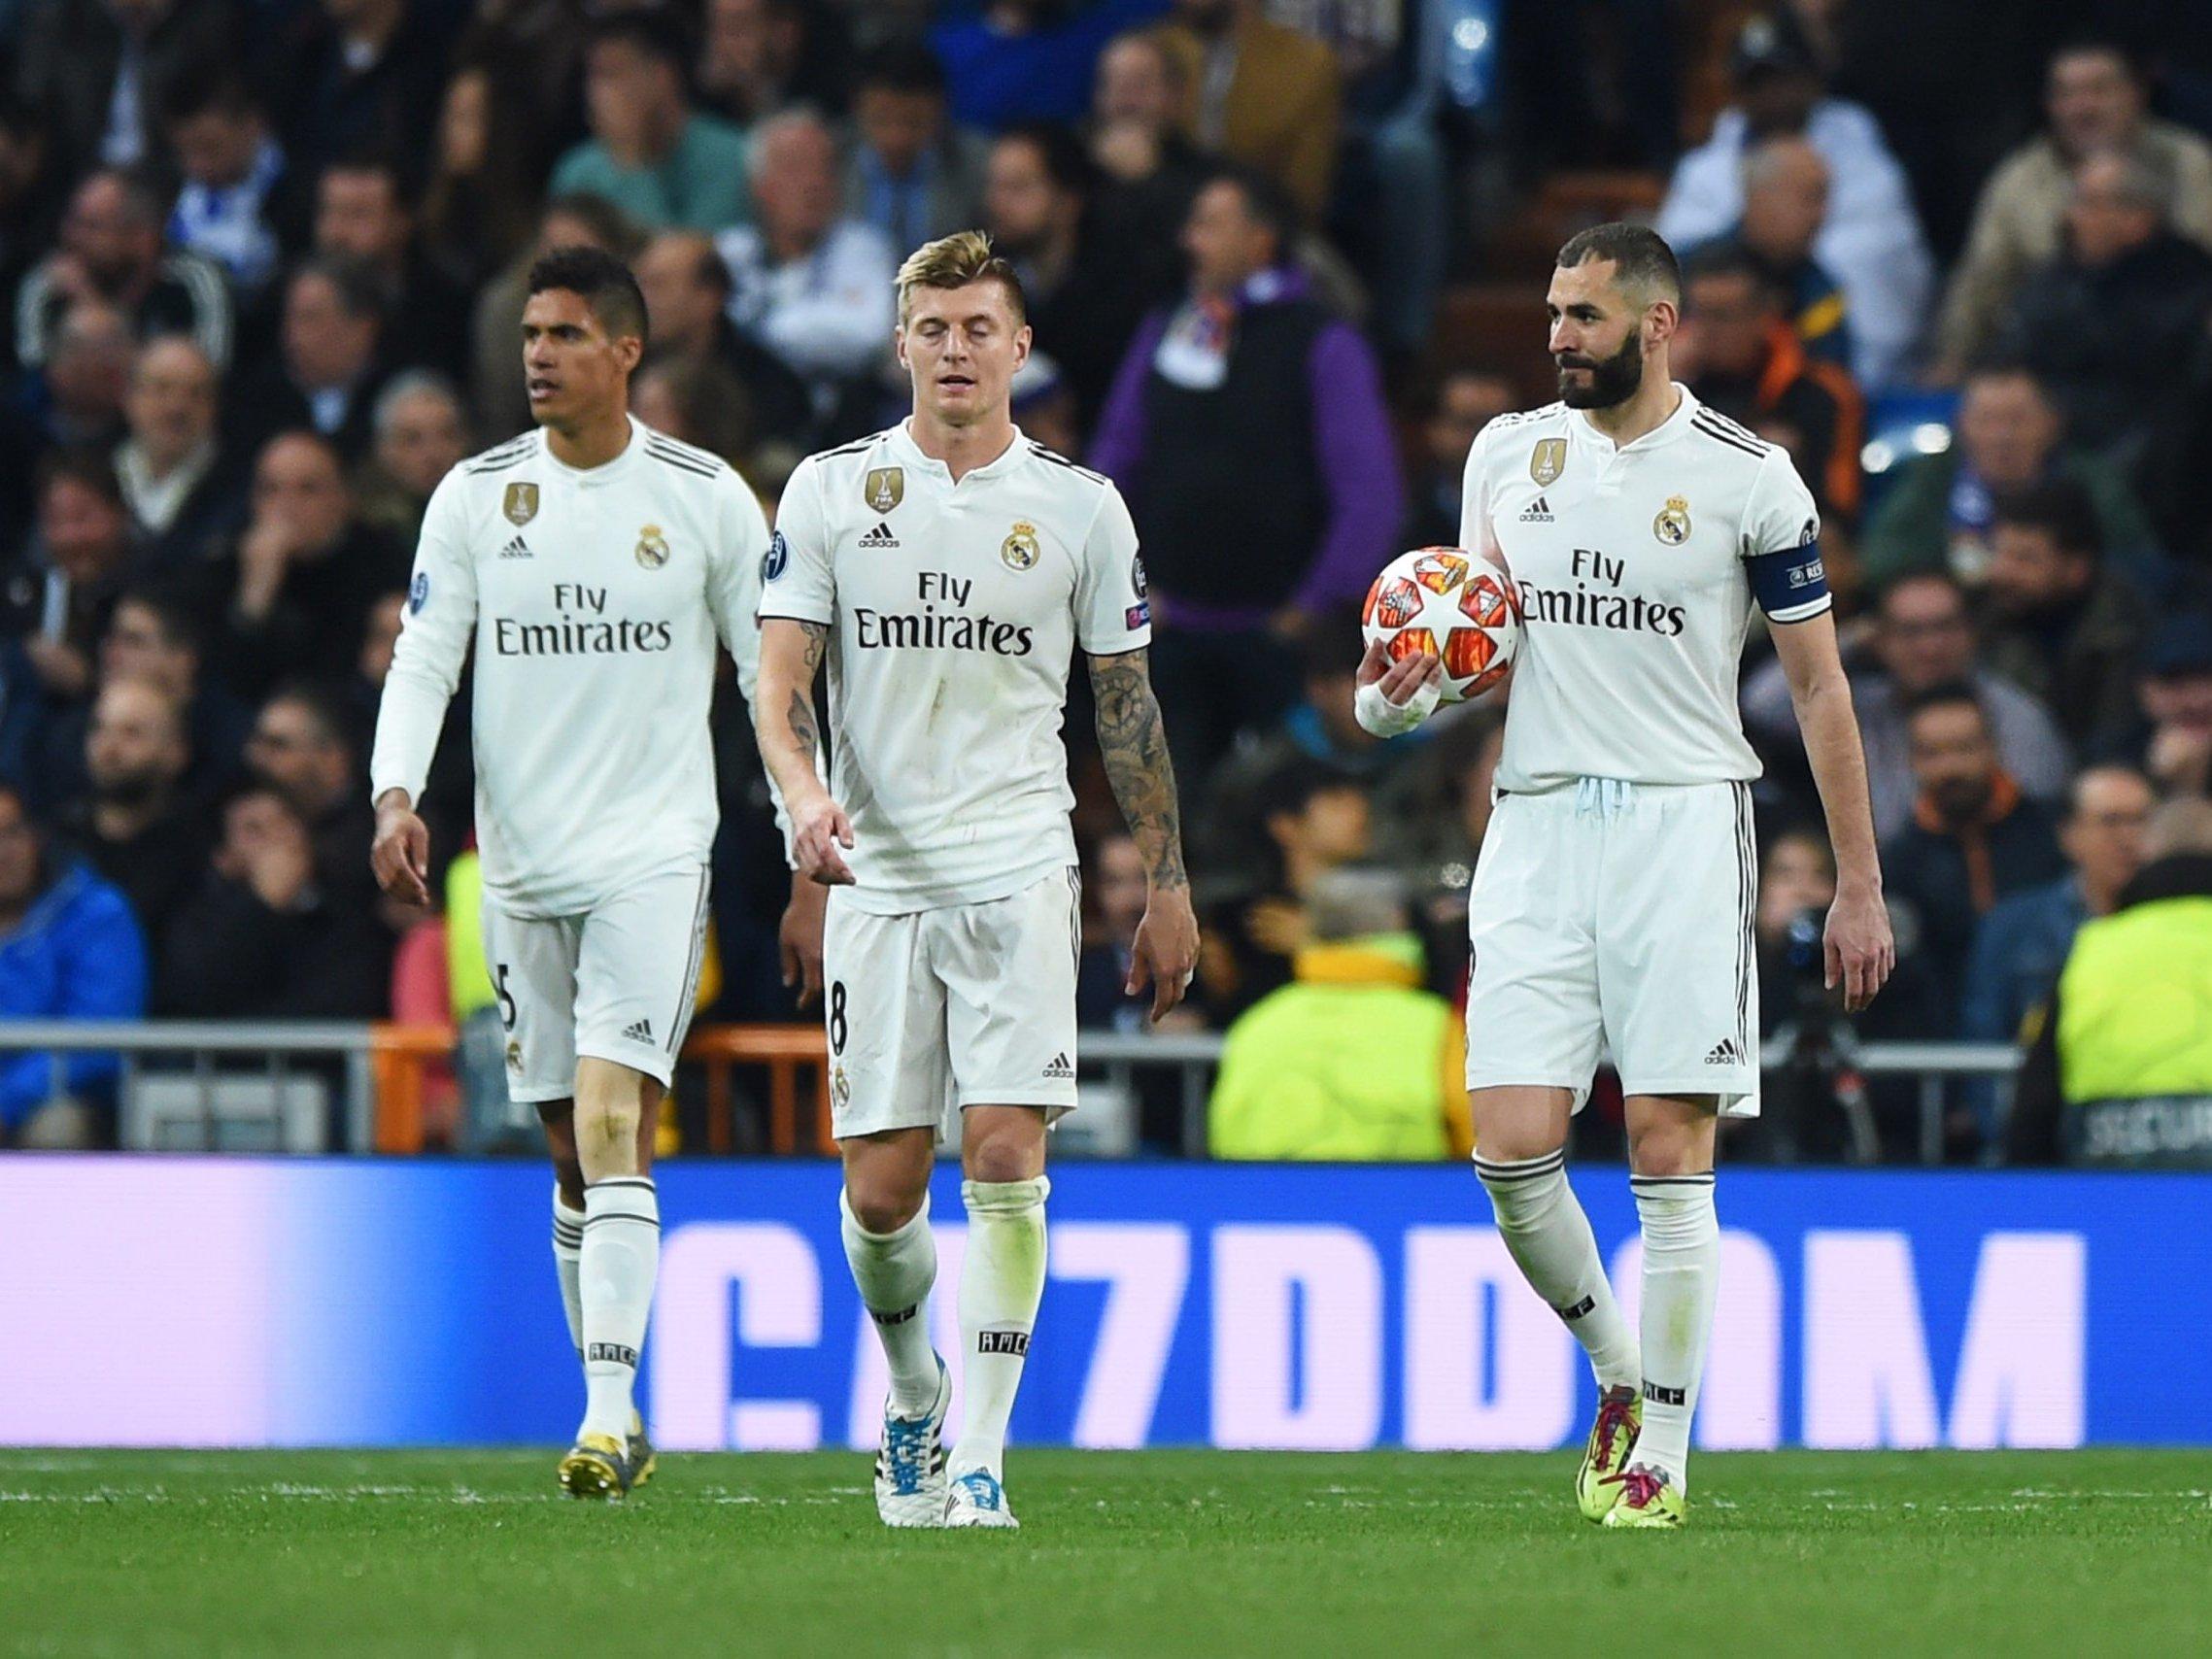 Real Madrid descalificado